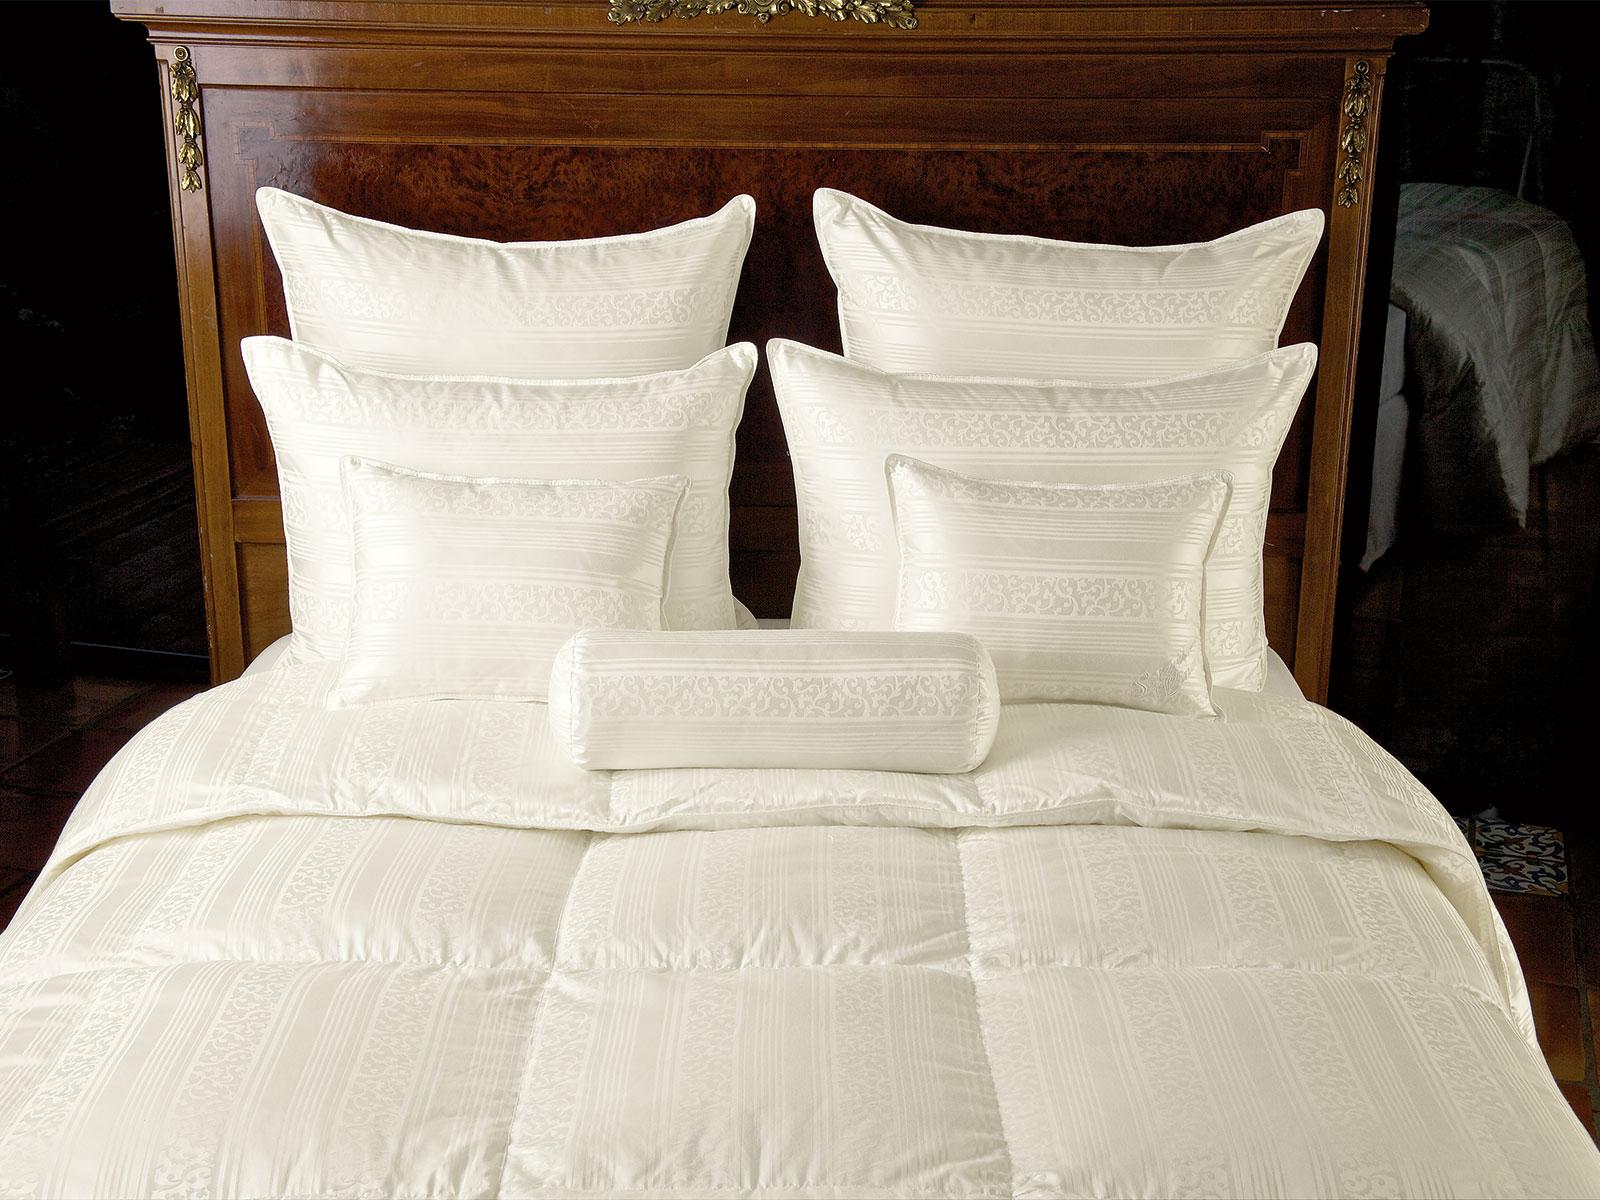 Comforters_Damask_2063_new.jpg